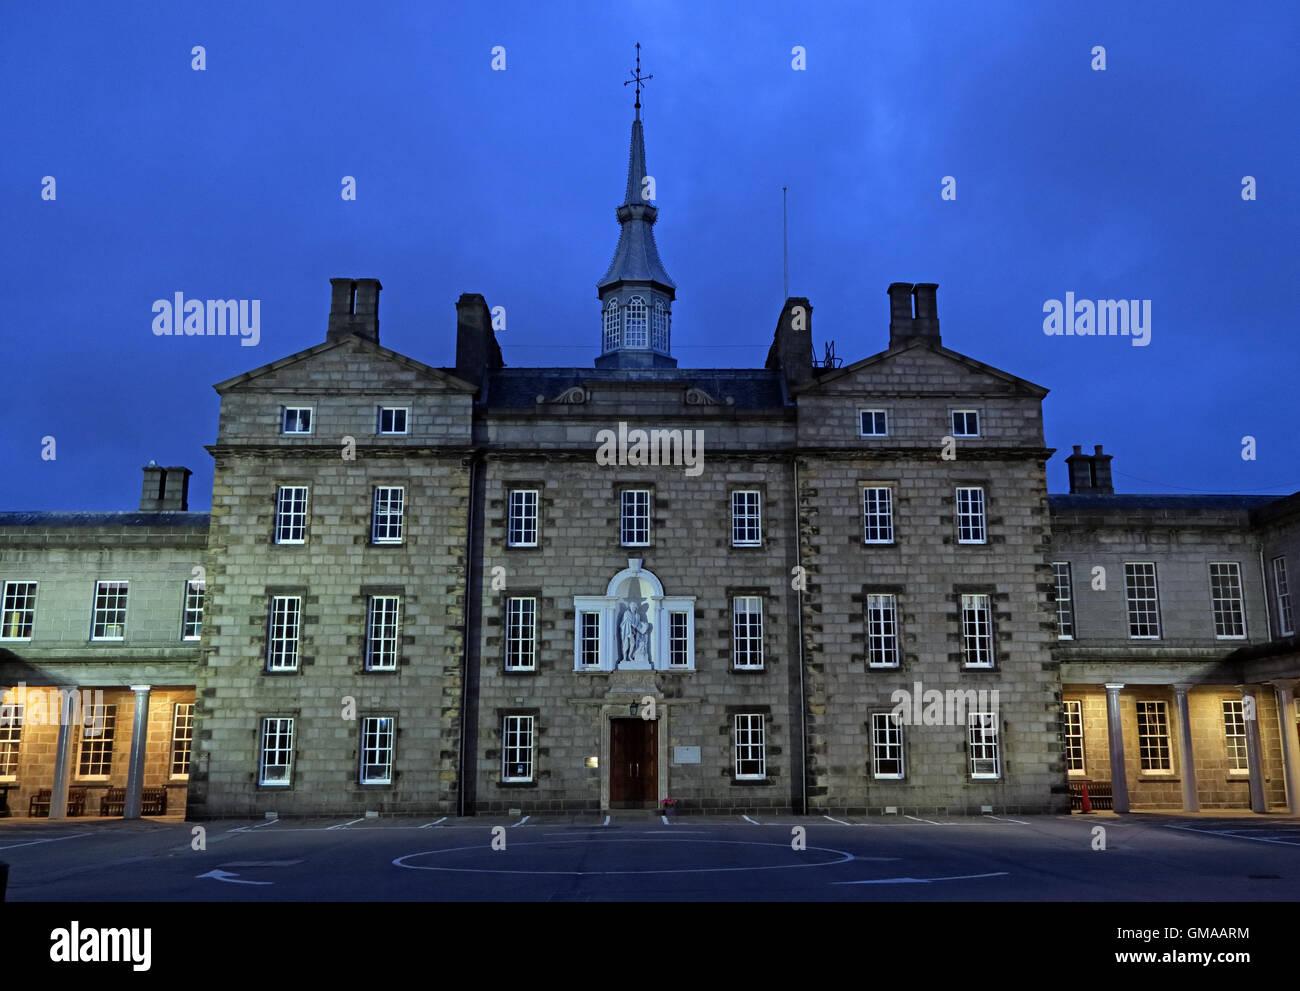 Laden Sie dieses Alamy Stockfoto Robert Gordons Hochschule (Auld Hoose), Abenddämmerung in Aberdeen City Centre, Schottland, UK - GMAARM